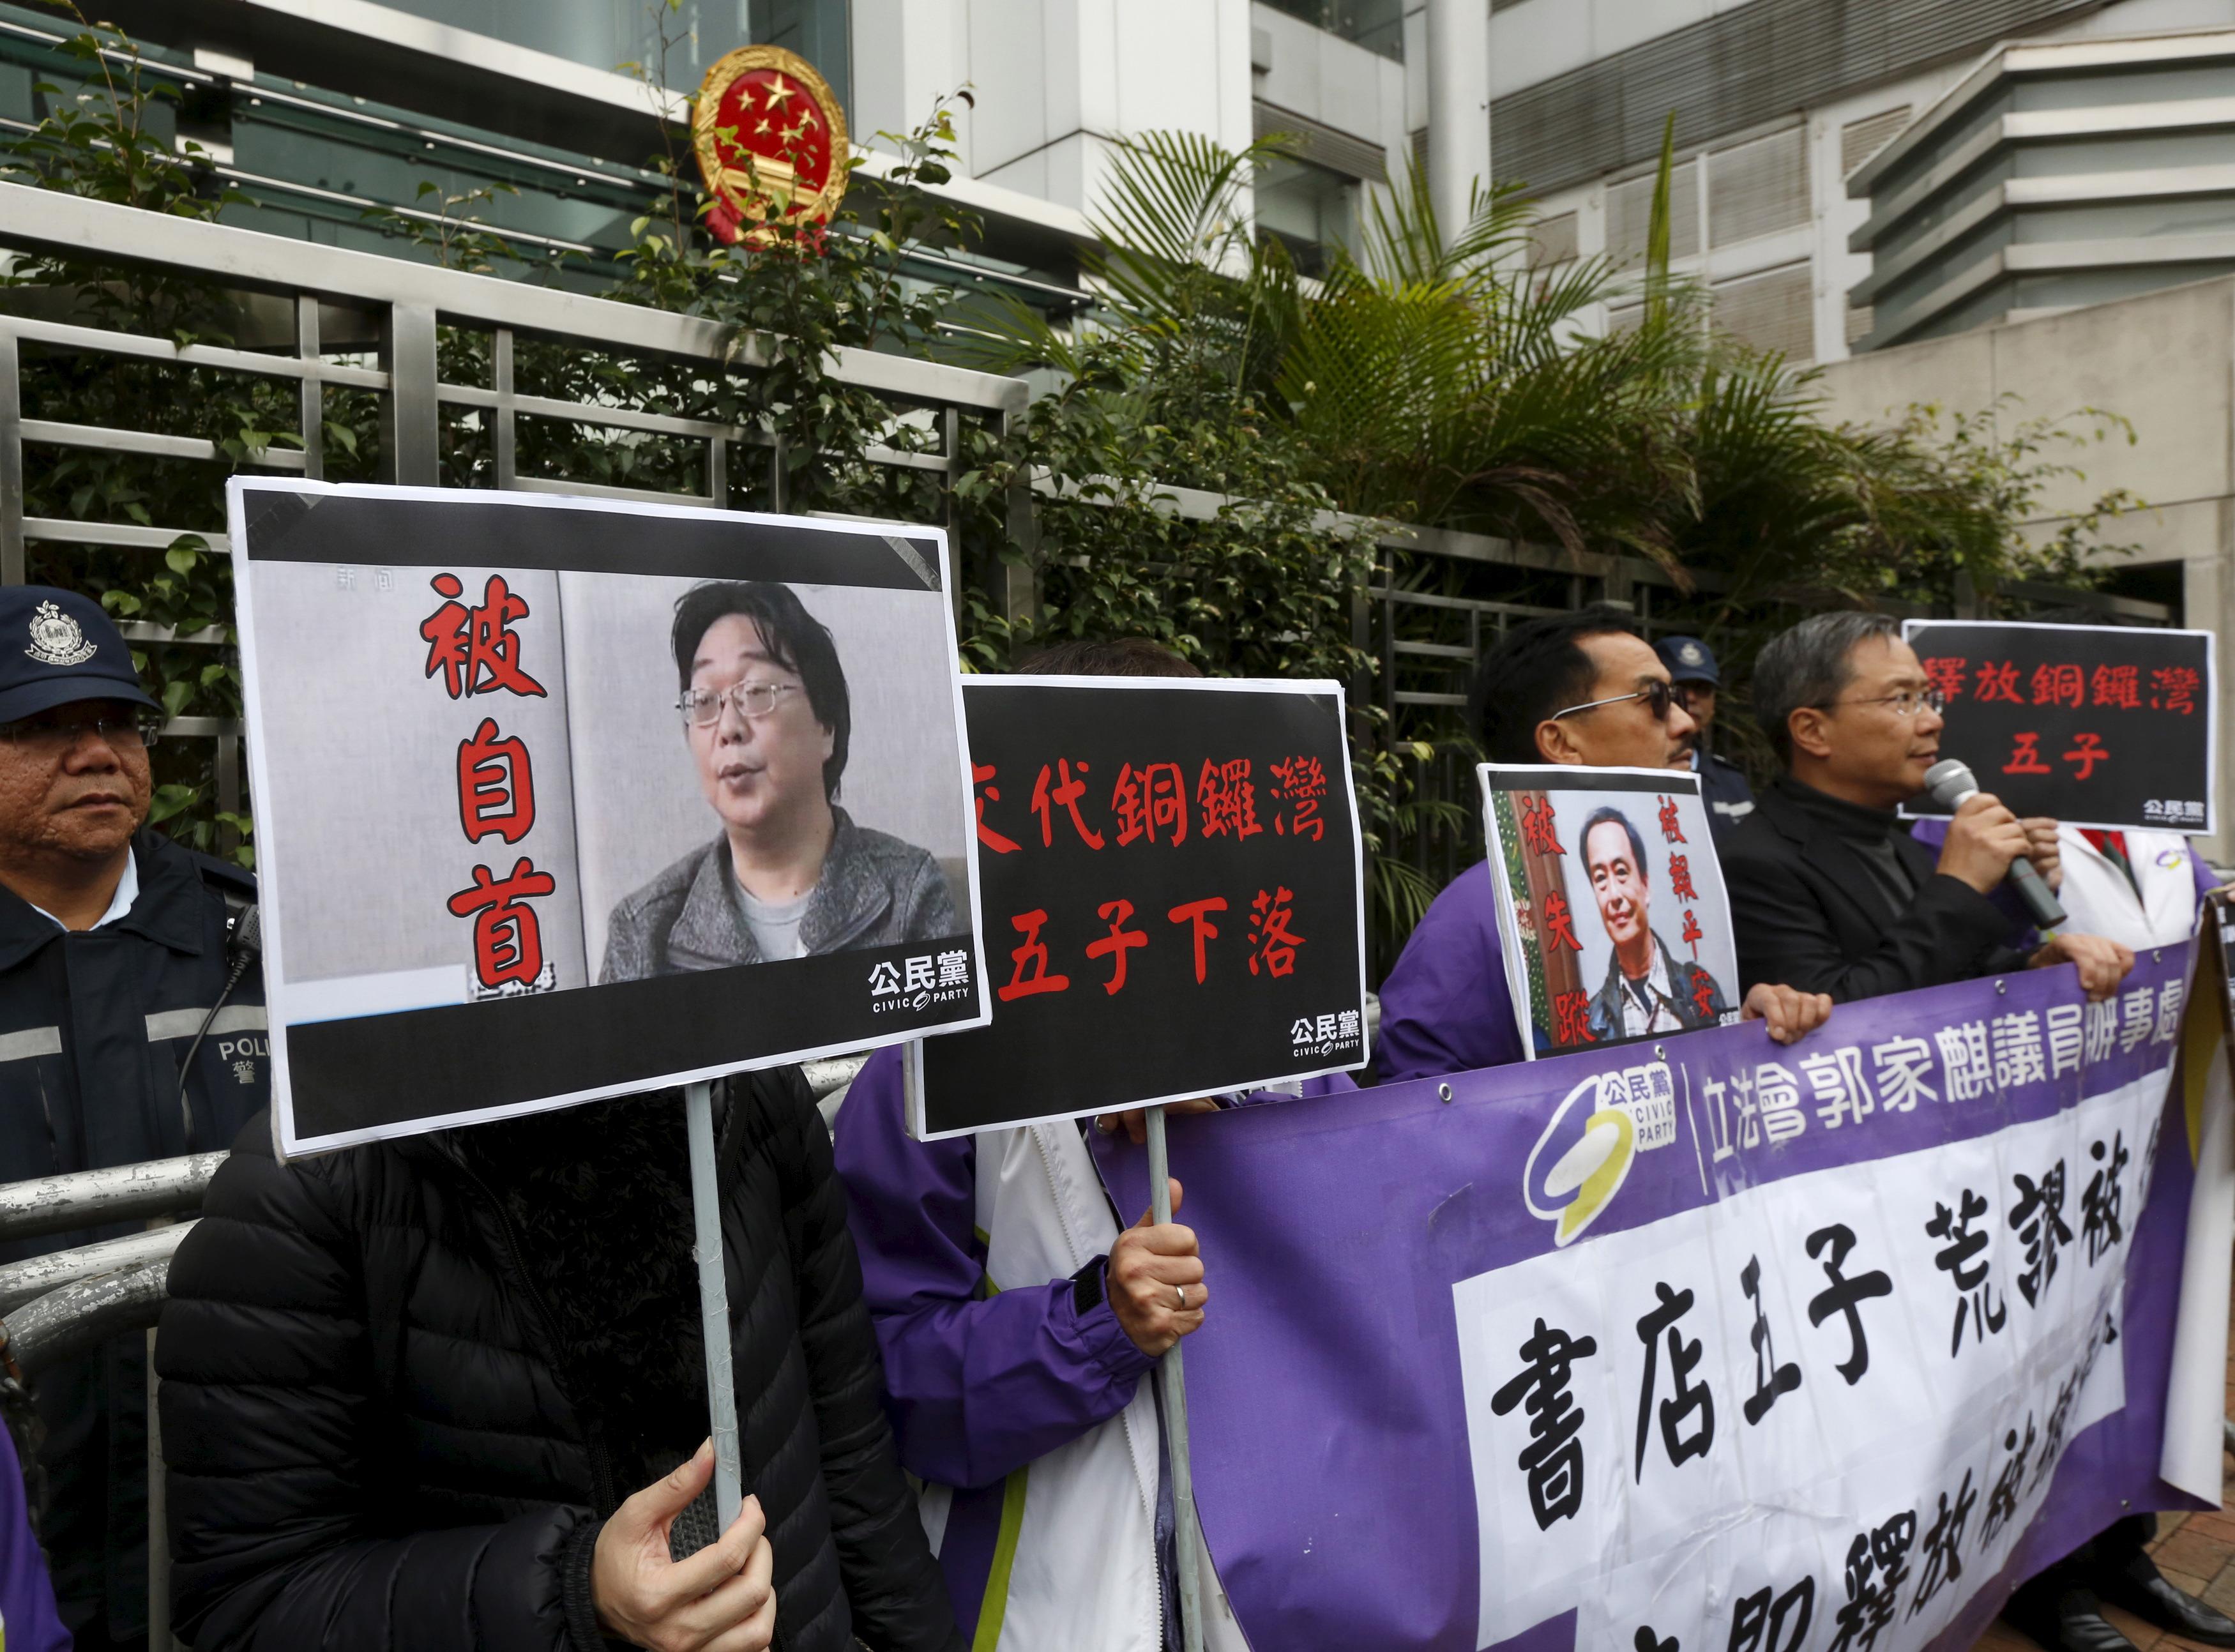 متظاهرون في هونغ كونغ في يناير 2016 يطالبون بالإفراج عن غوي مينهاي حيث كان ينشر في هونغ كونغ كتبا عن القادة الصينيين